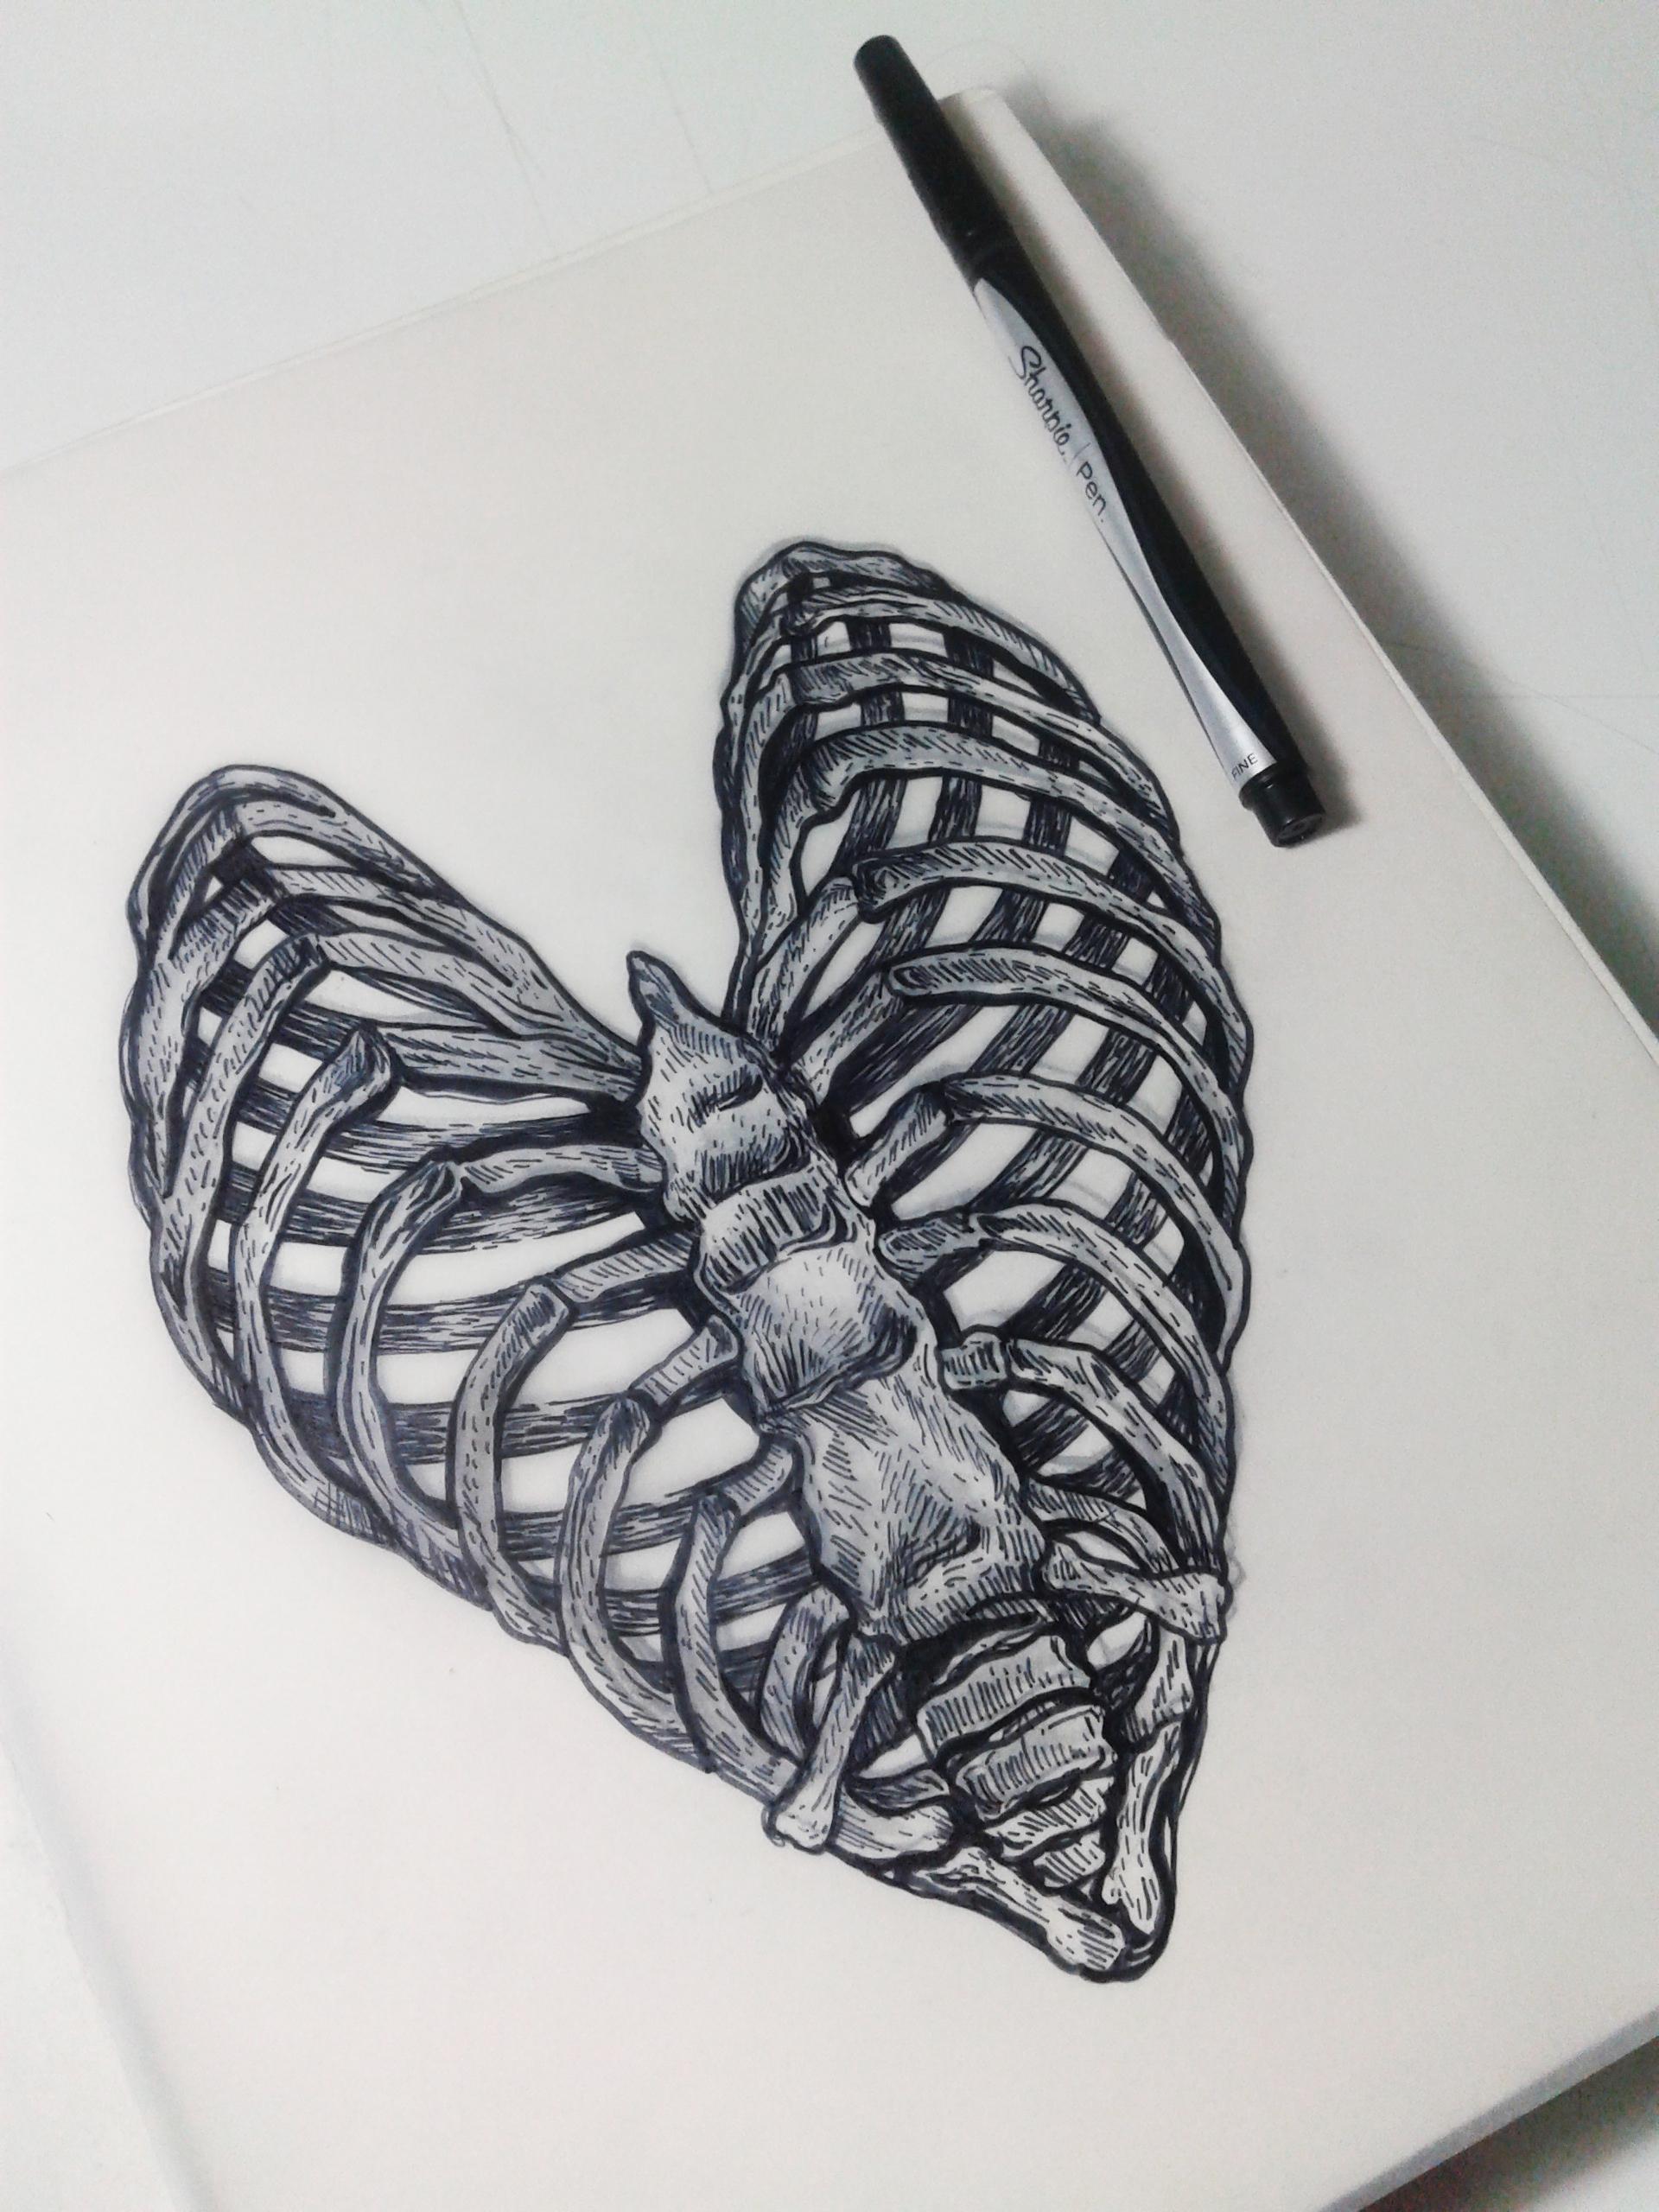 Drawn skeleton heart tumblr  For Facebook Skeleton for